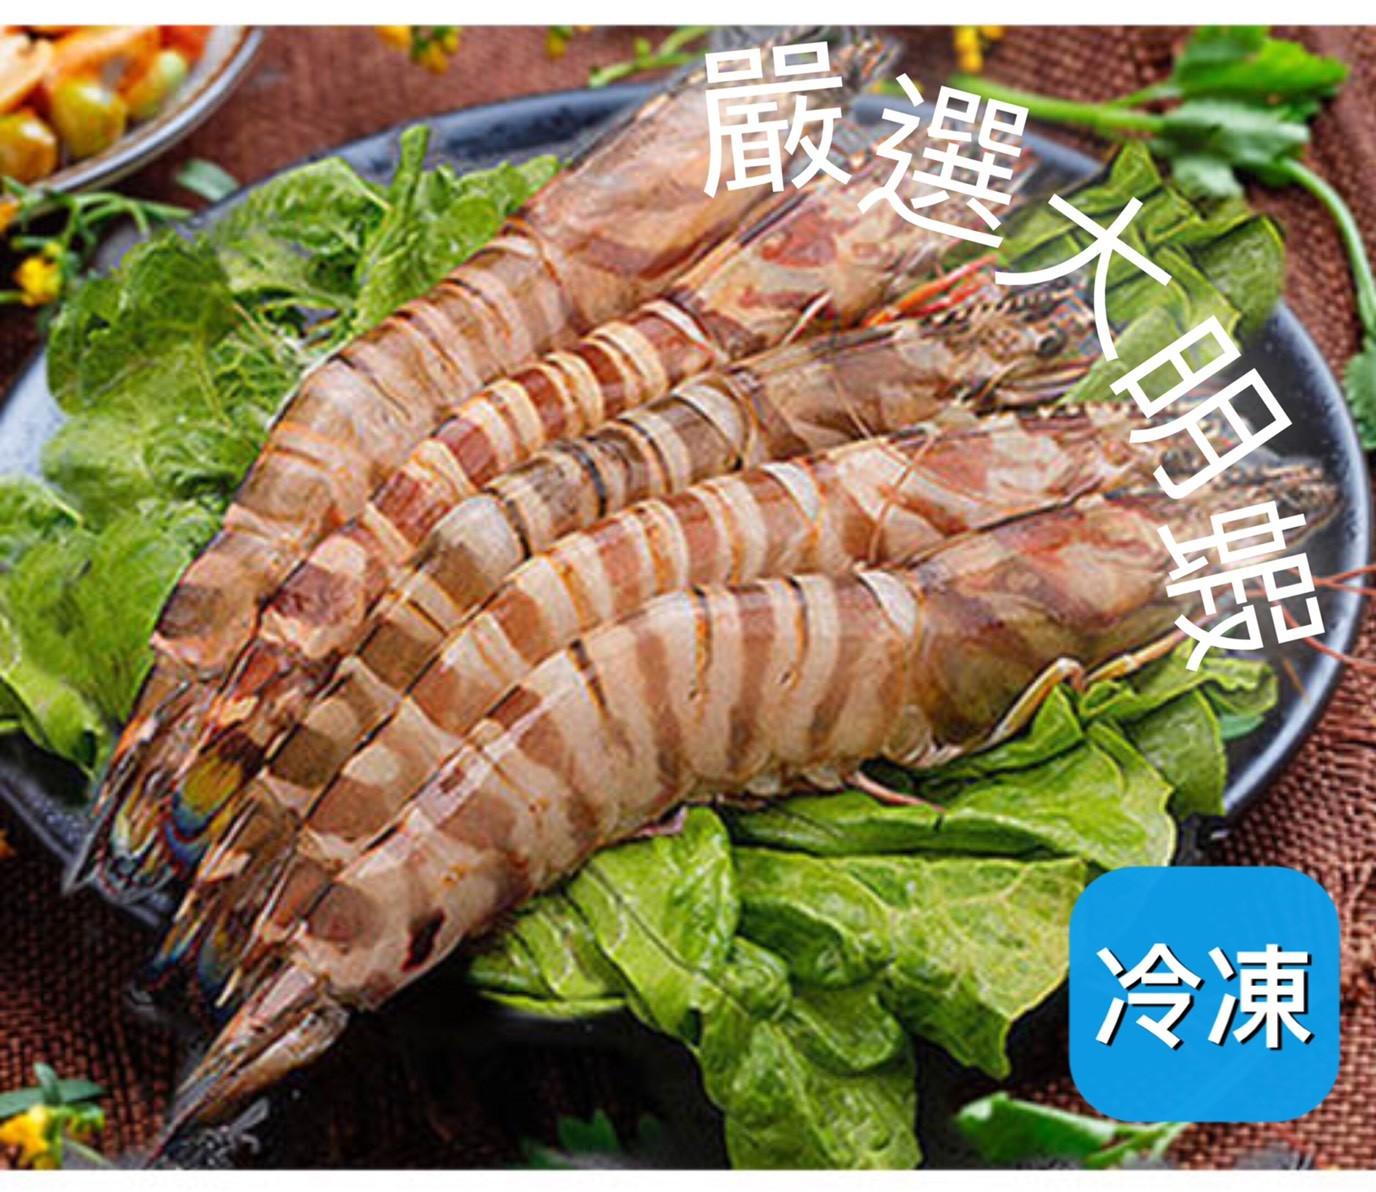 【立三】嚴選超大鮮凍大明蝦(5P)